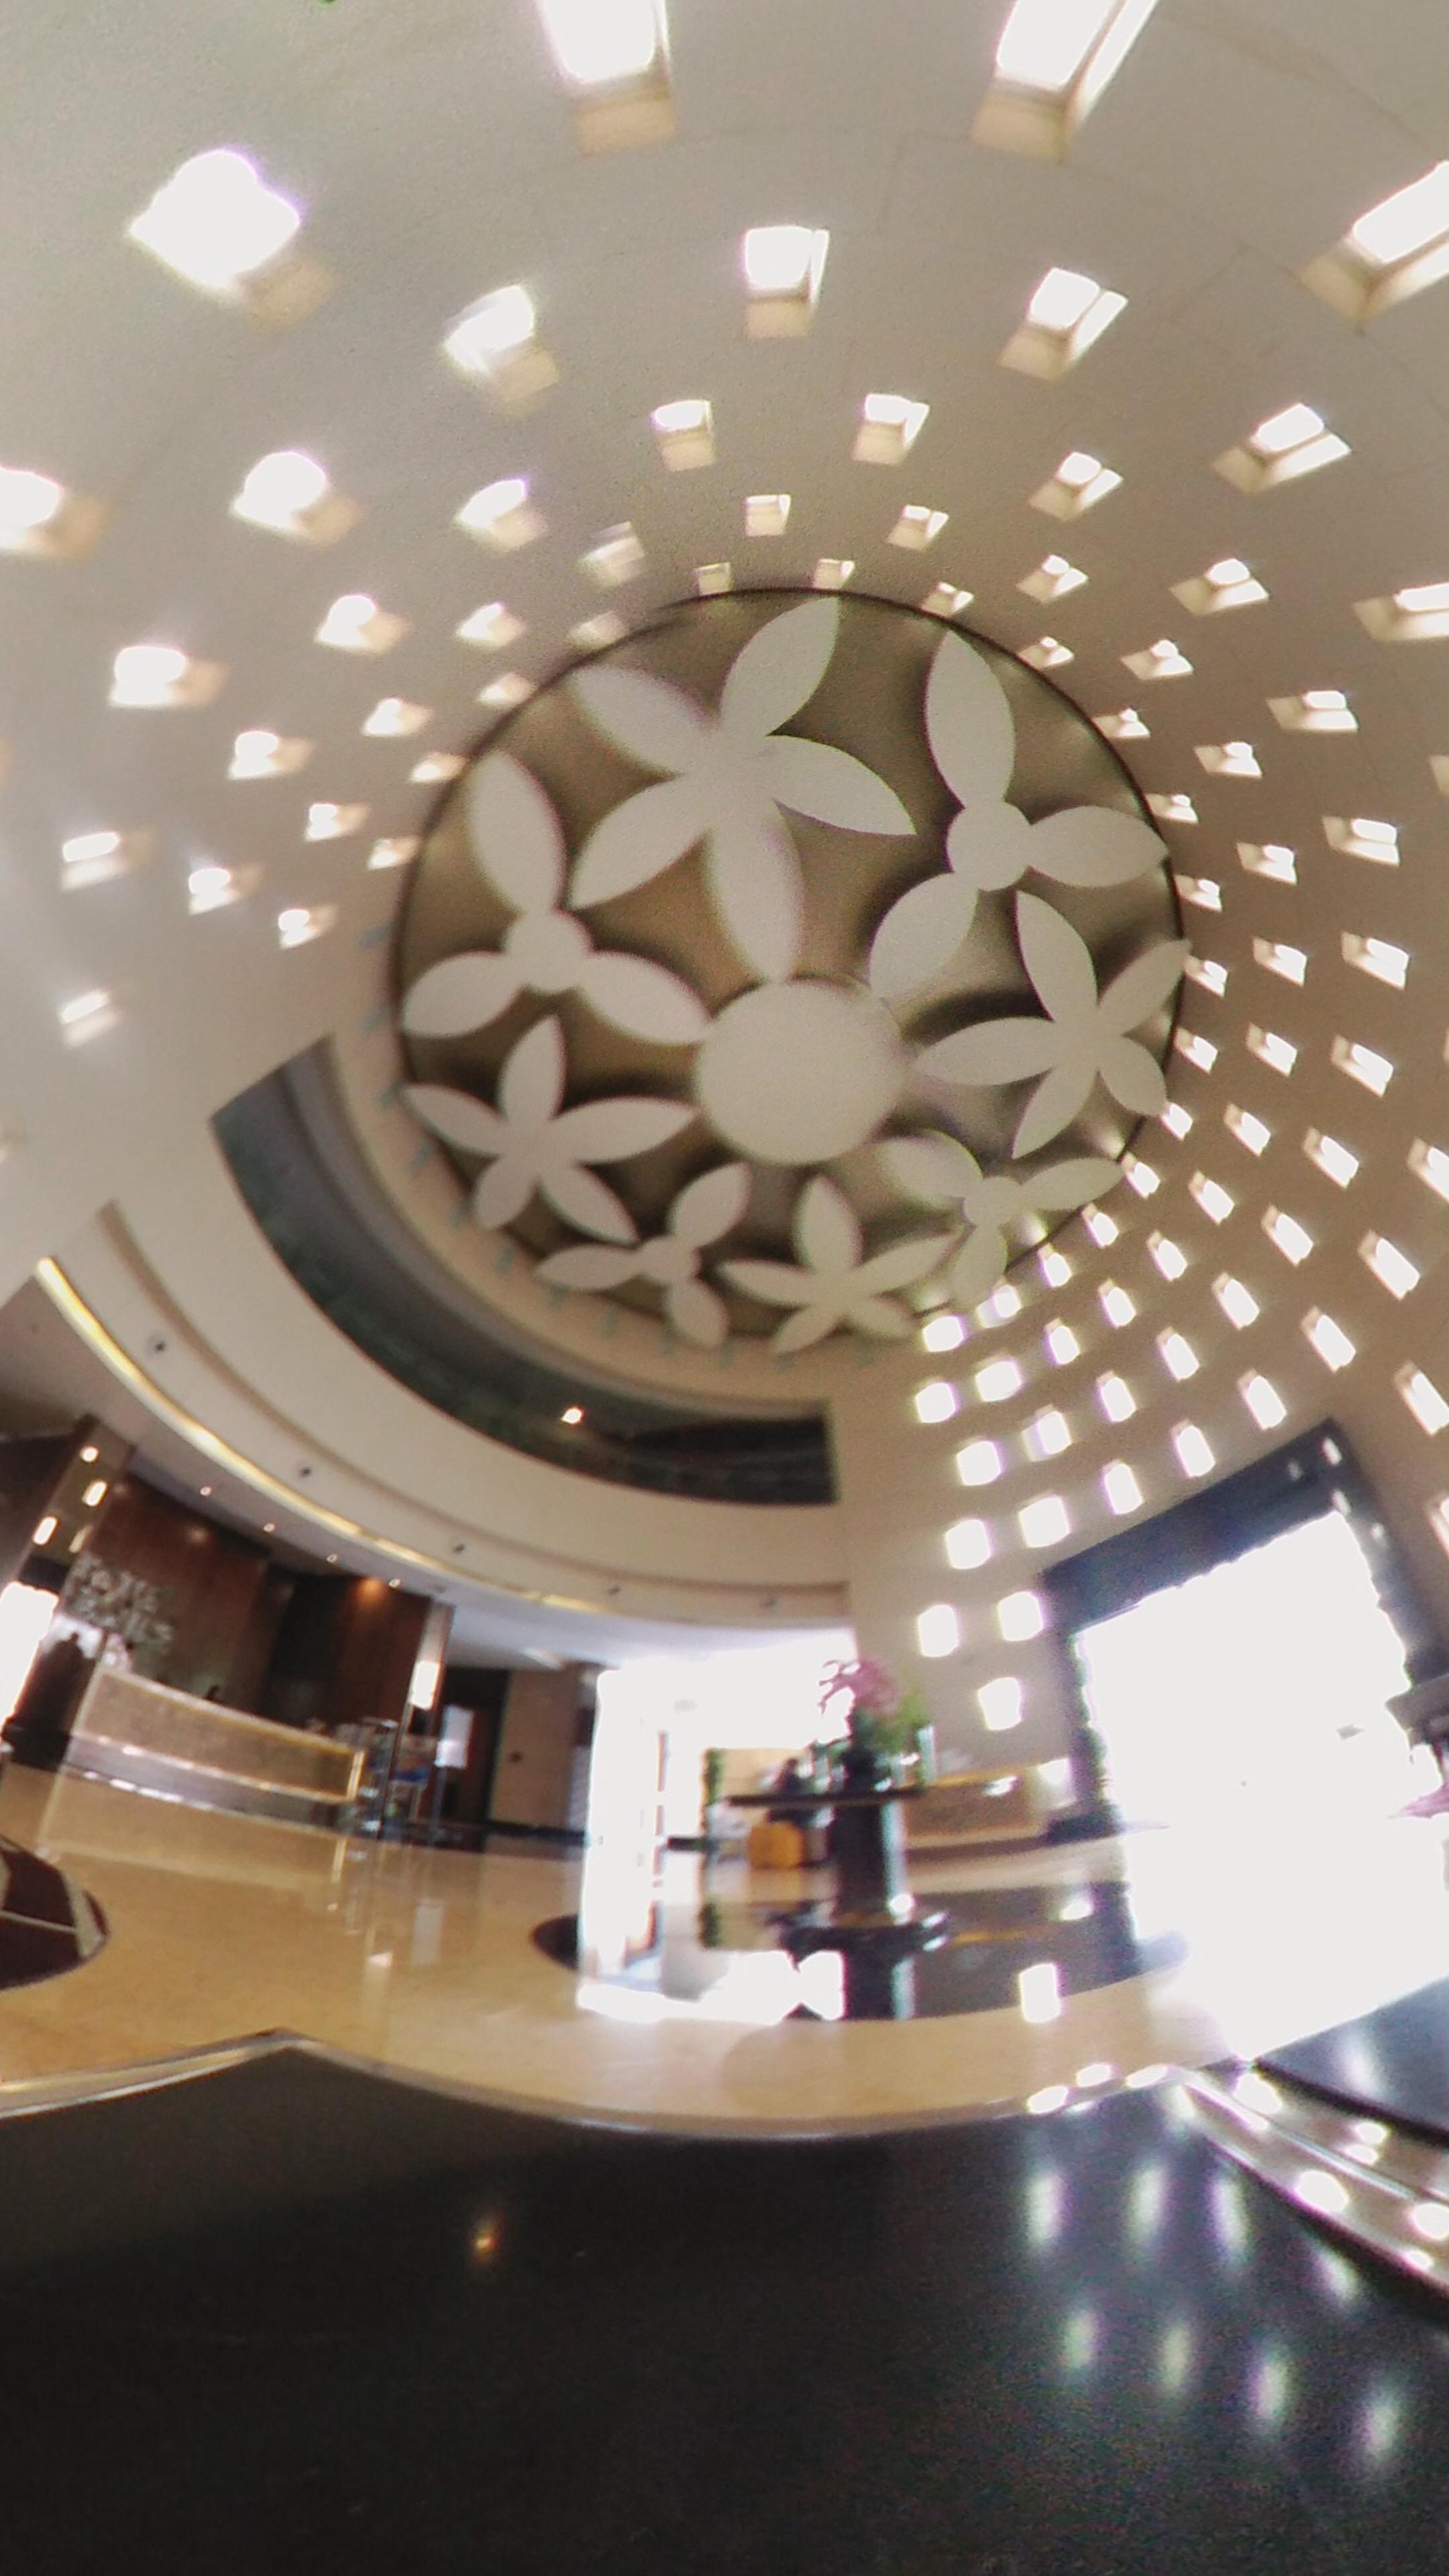 Allium Tangerang Hotel: 2019 Room Prices $39, Deals & Reviews   Expedia